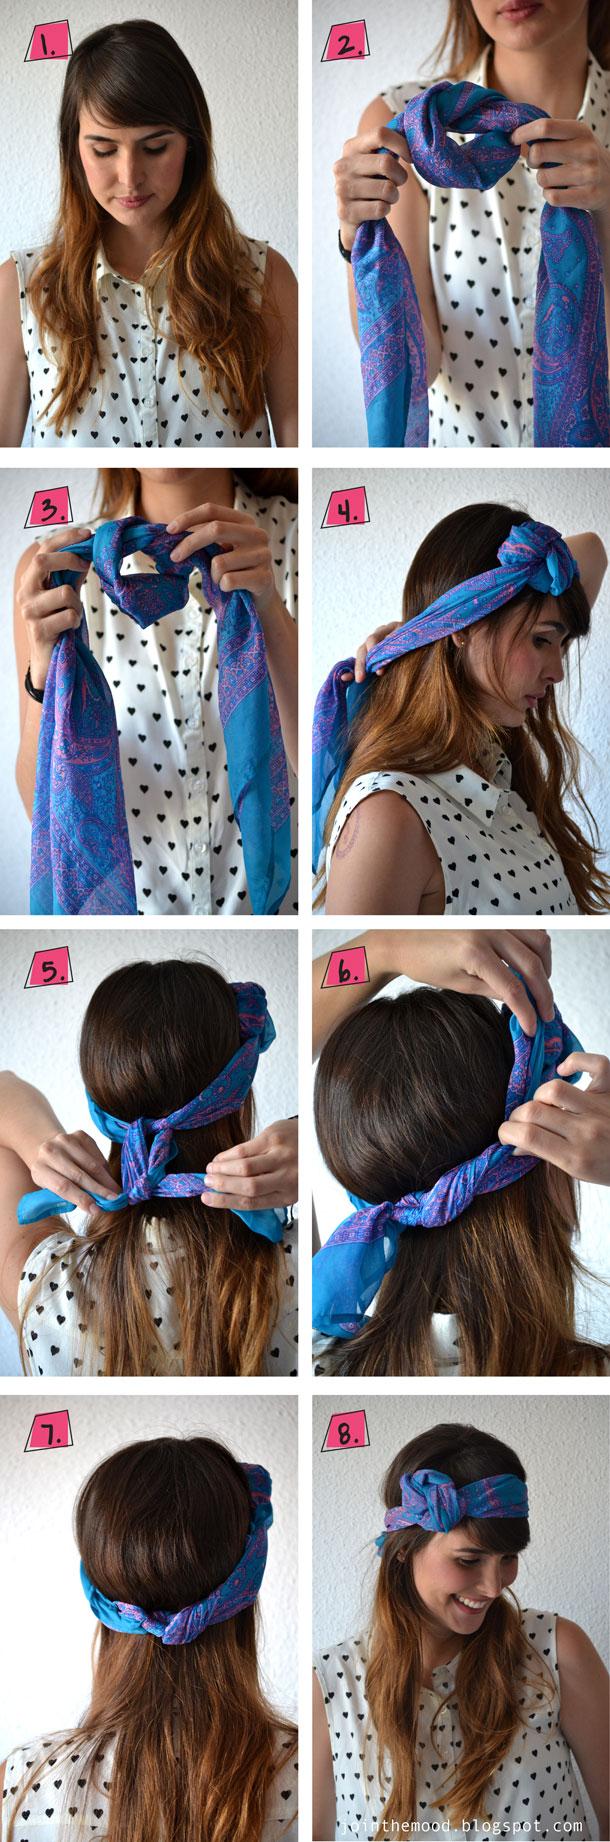 Hair with a Blue Bandana